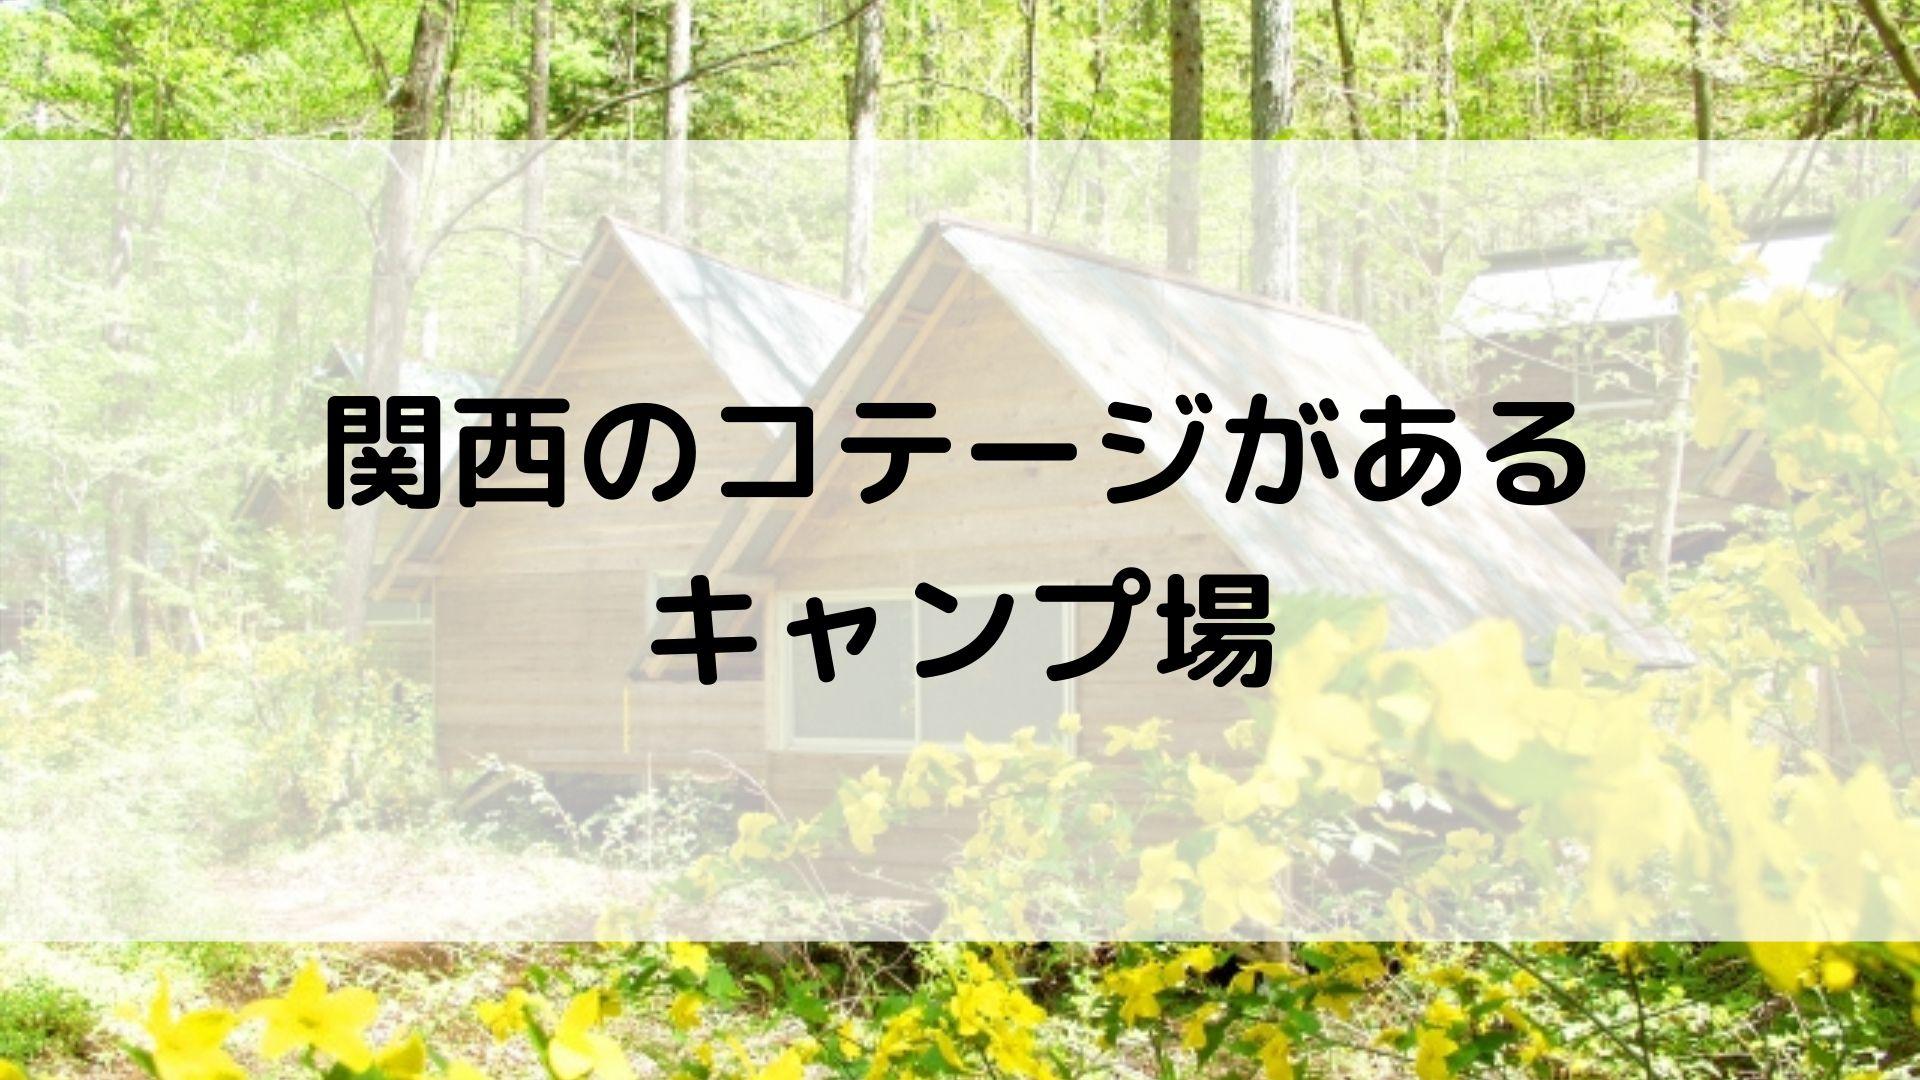 関西のコテージがあるキャンプ場